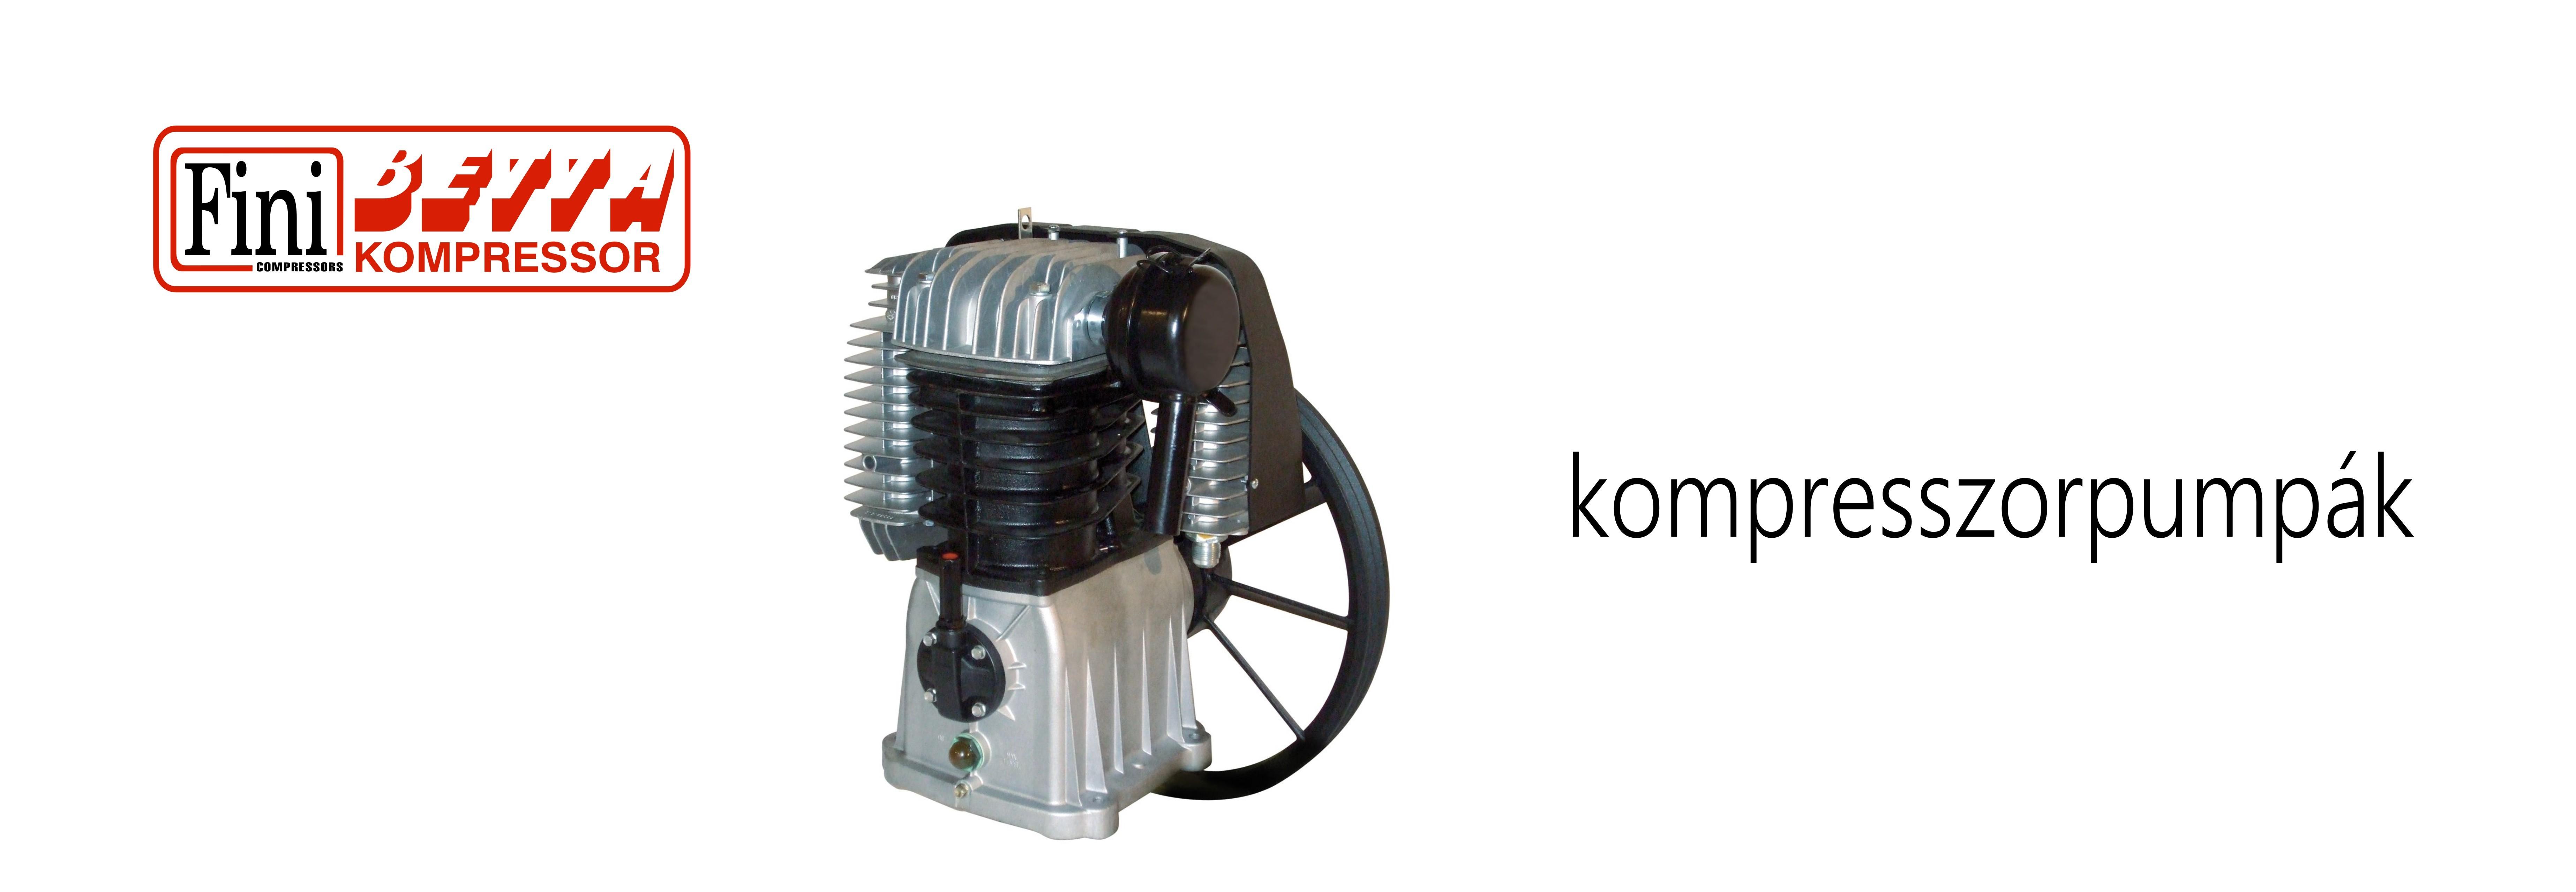 kompresszorpumpák